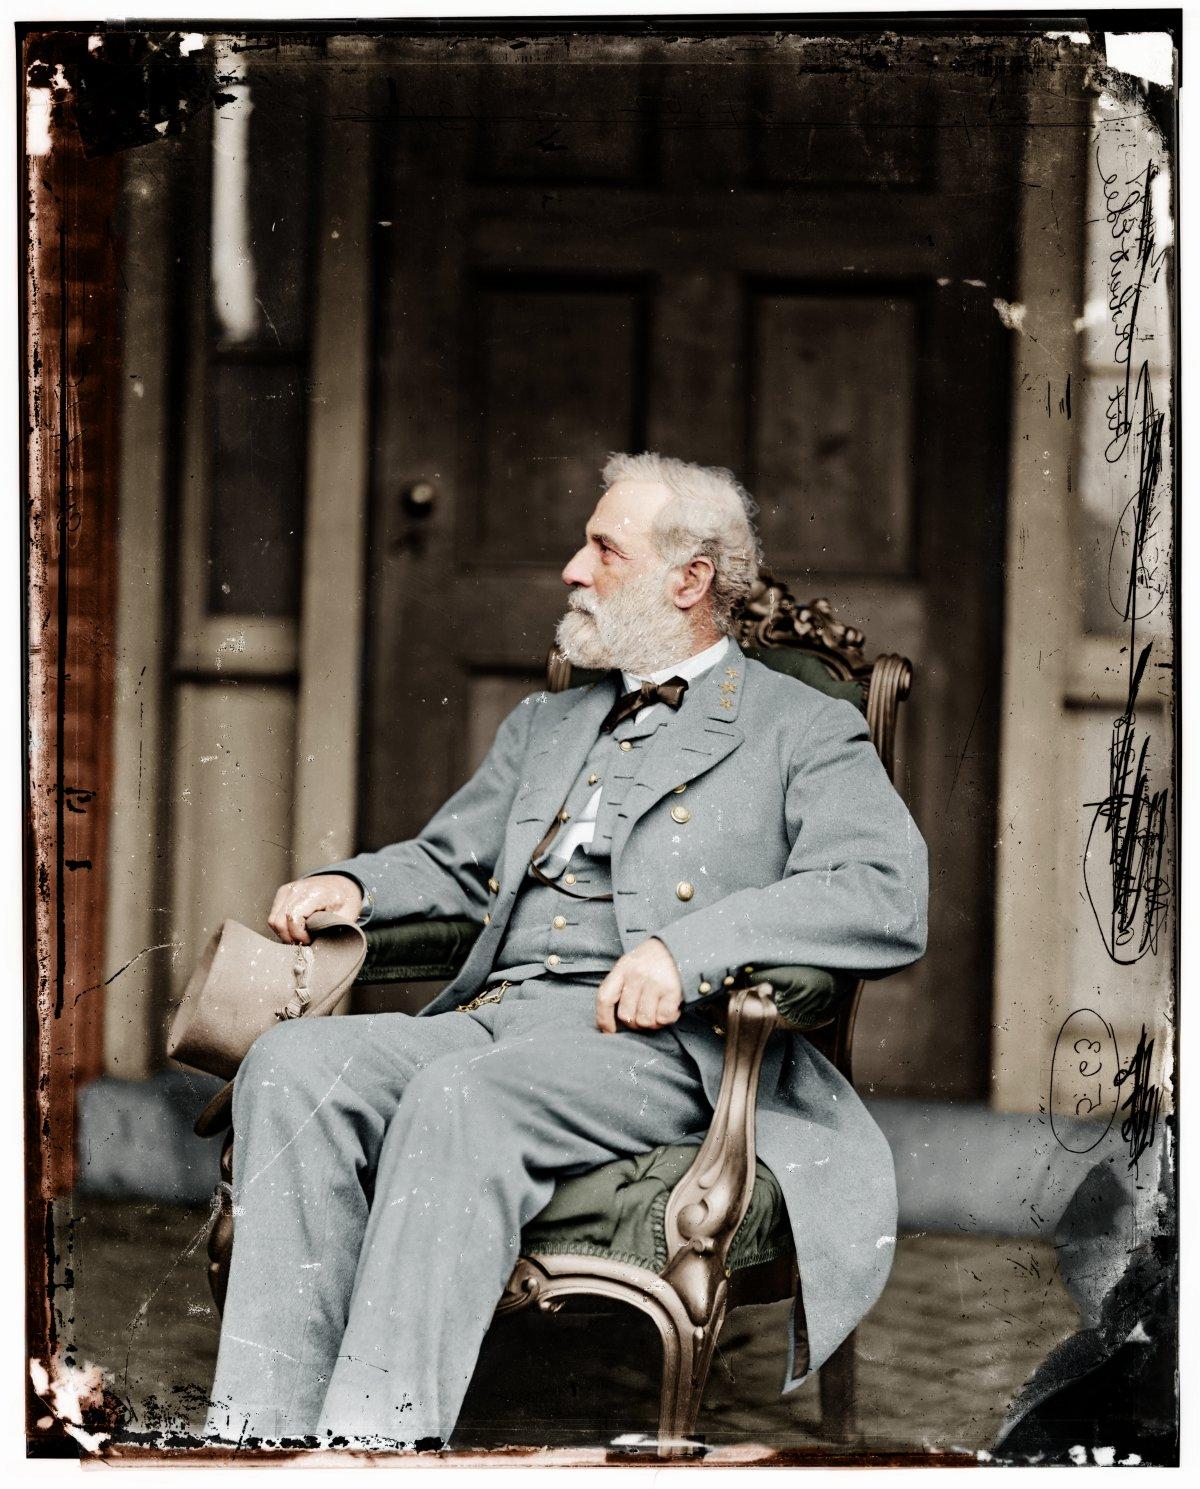 24_Confederate General Robert E. Lee kevesebb, mint egy héttel megadás után otthonában..jpg